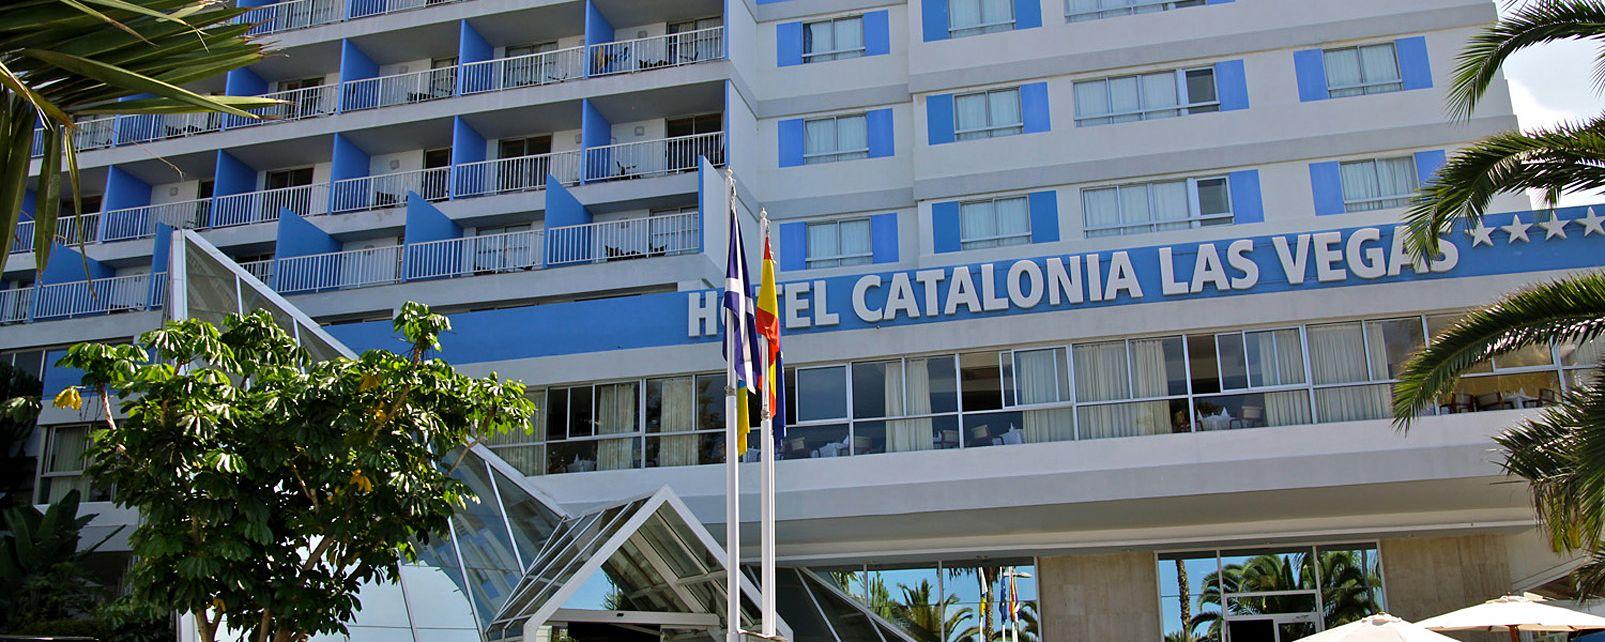 Hotel catalonia las vegas in puerto de la cruz spain - Hotel puerto de vega ...